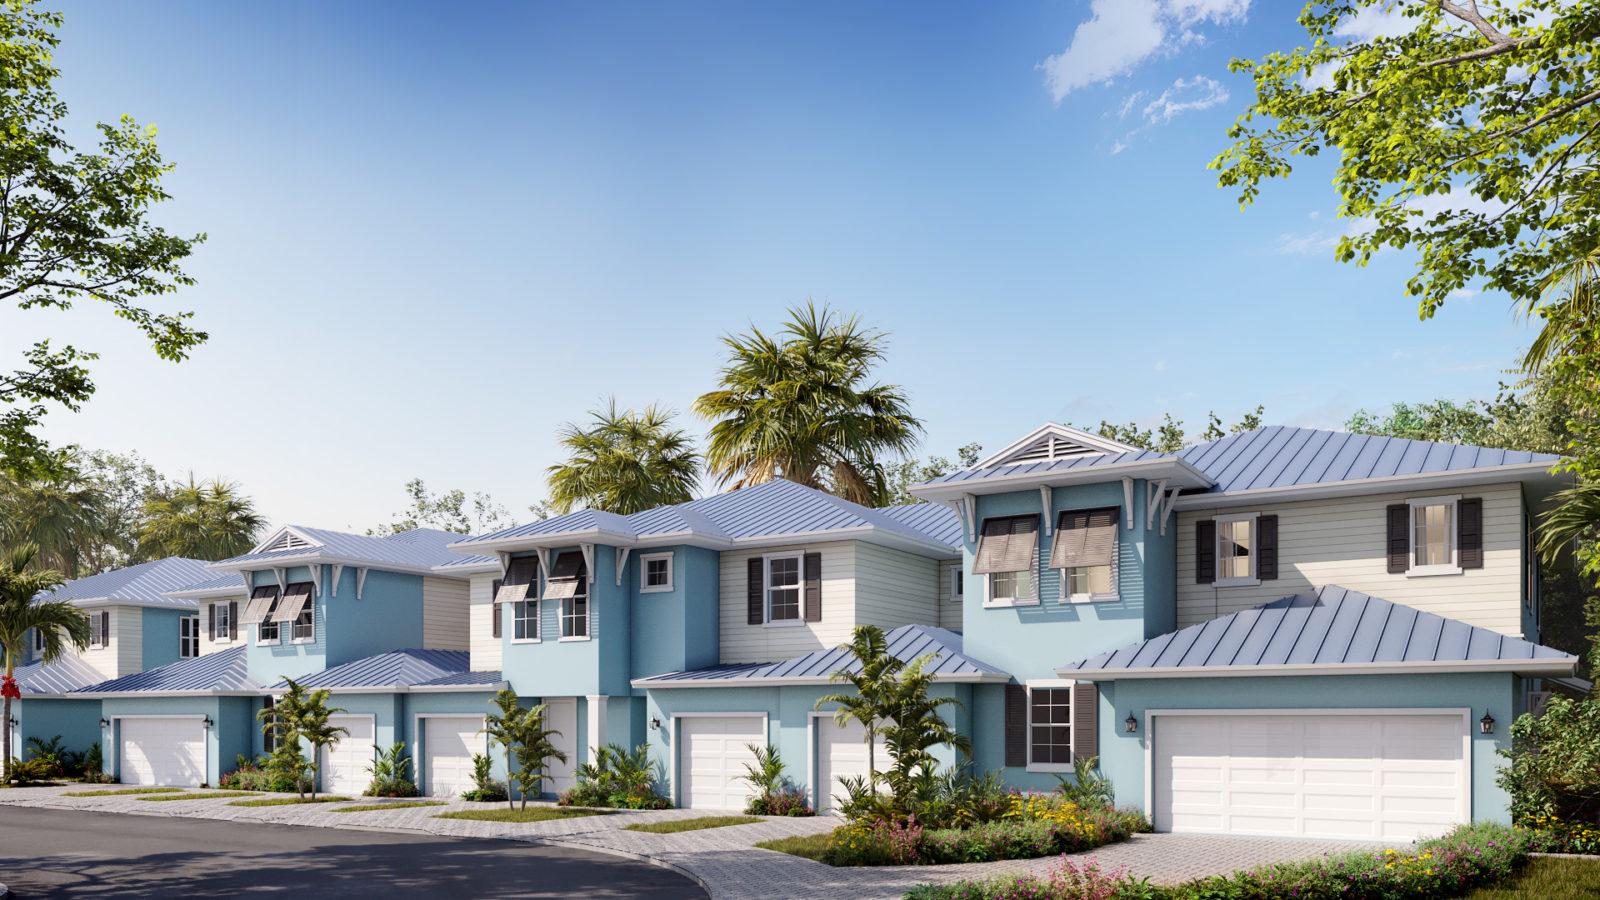 Villa Mar Bonita Beach Exterior 6 Unit Building